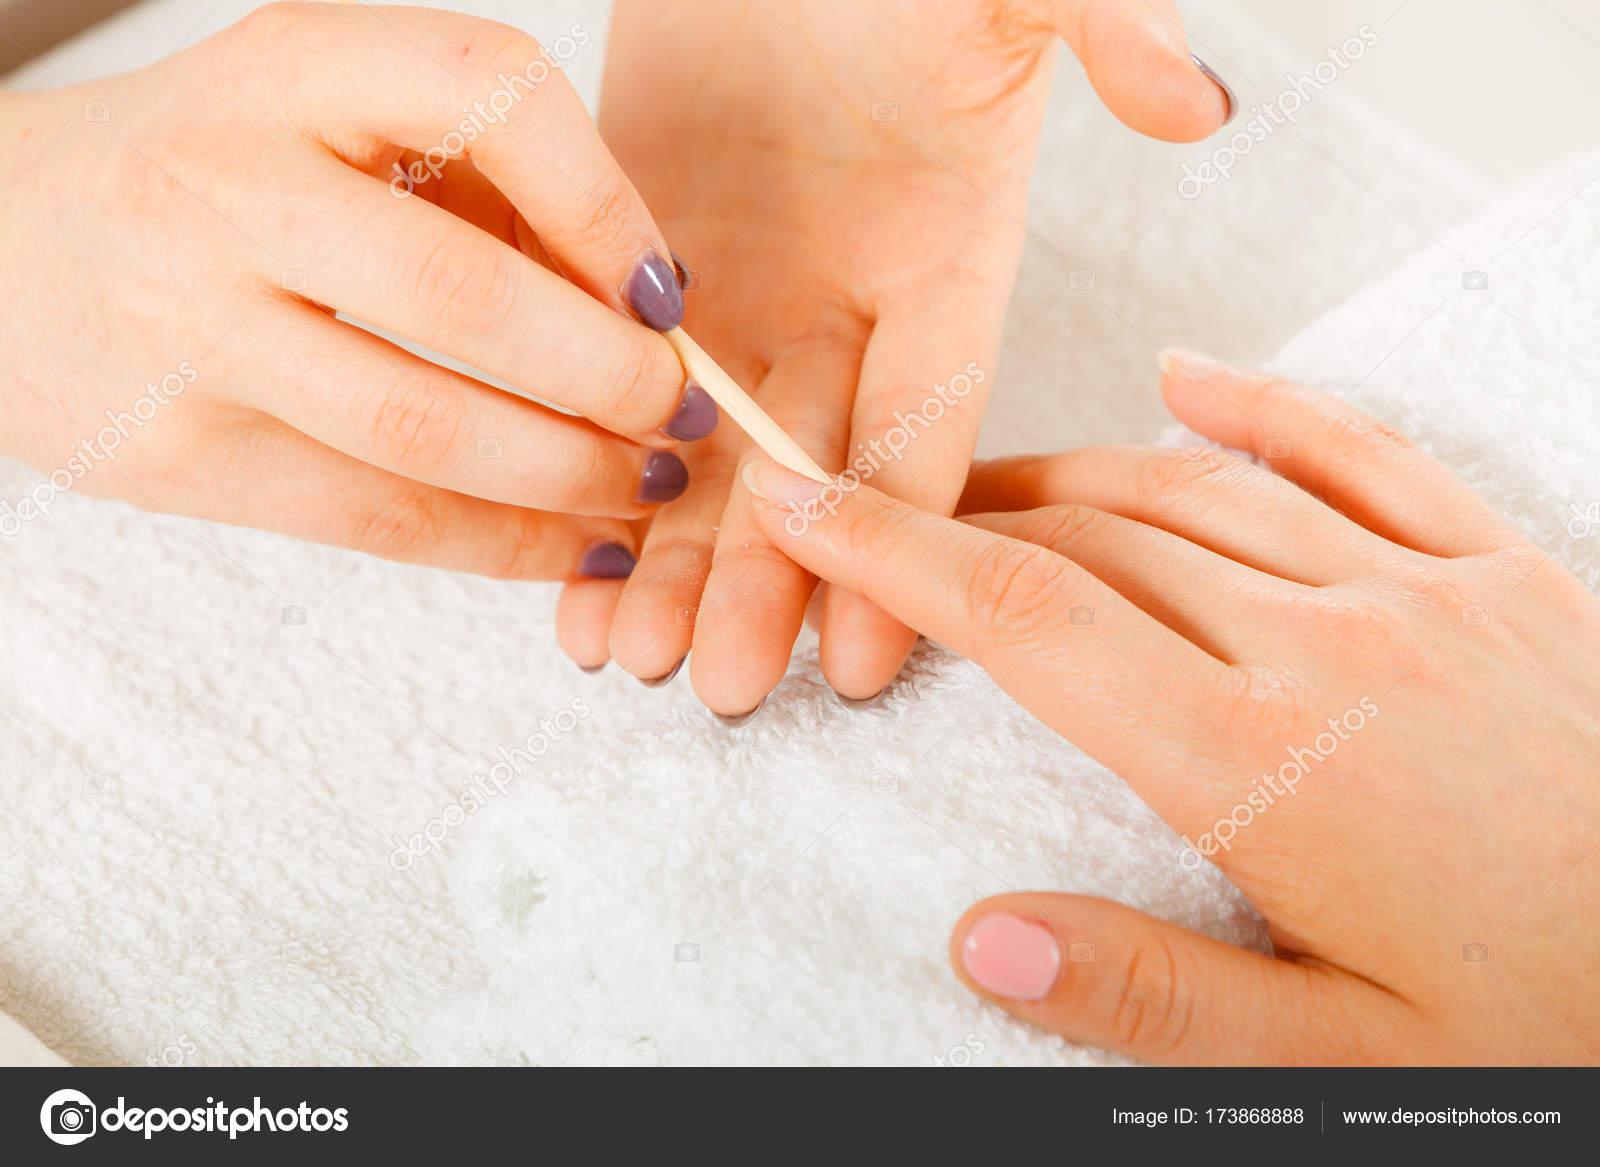 Preparando as unhas Limpando